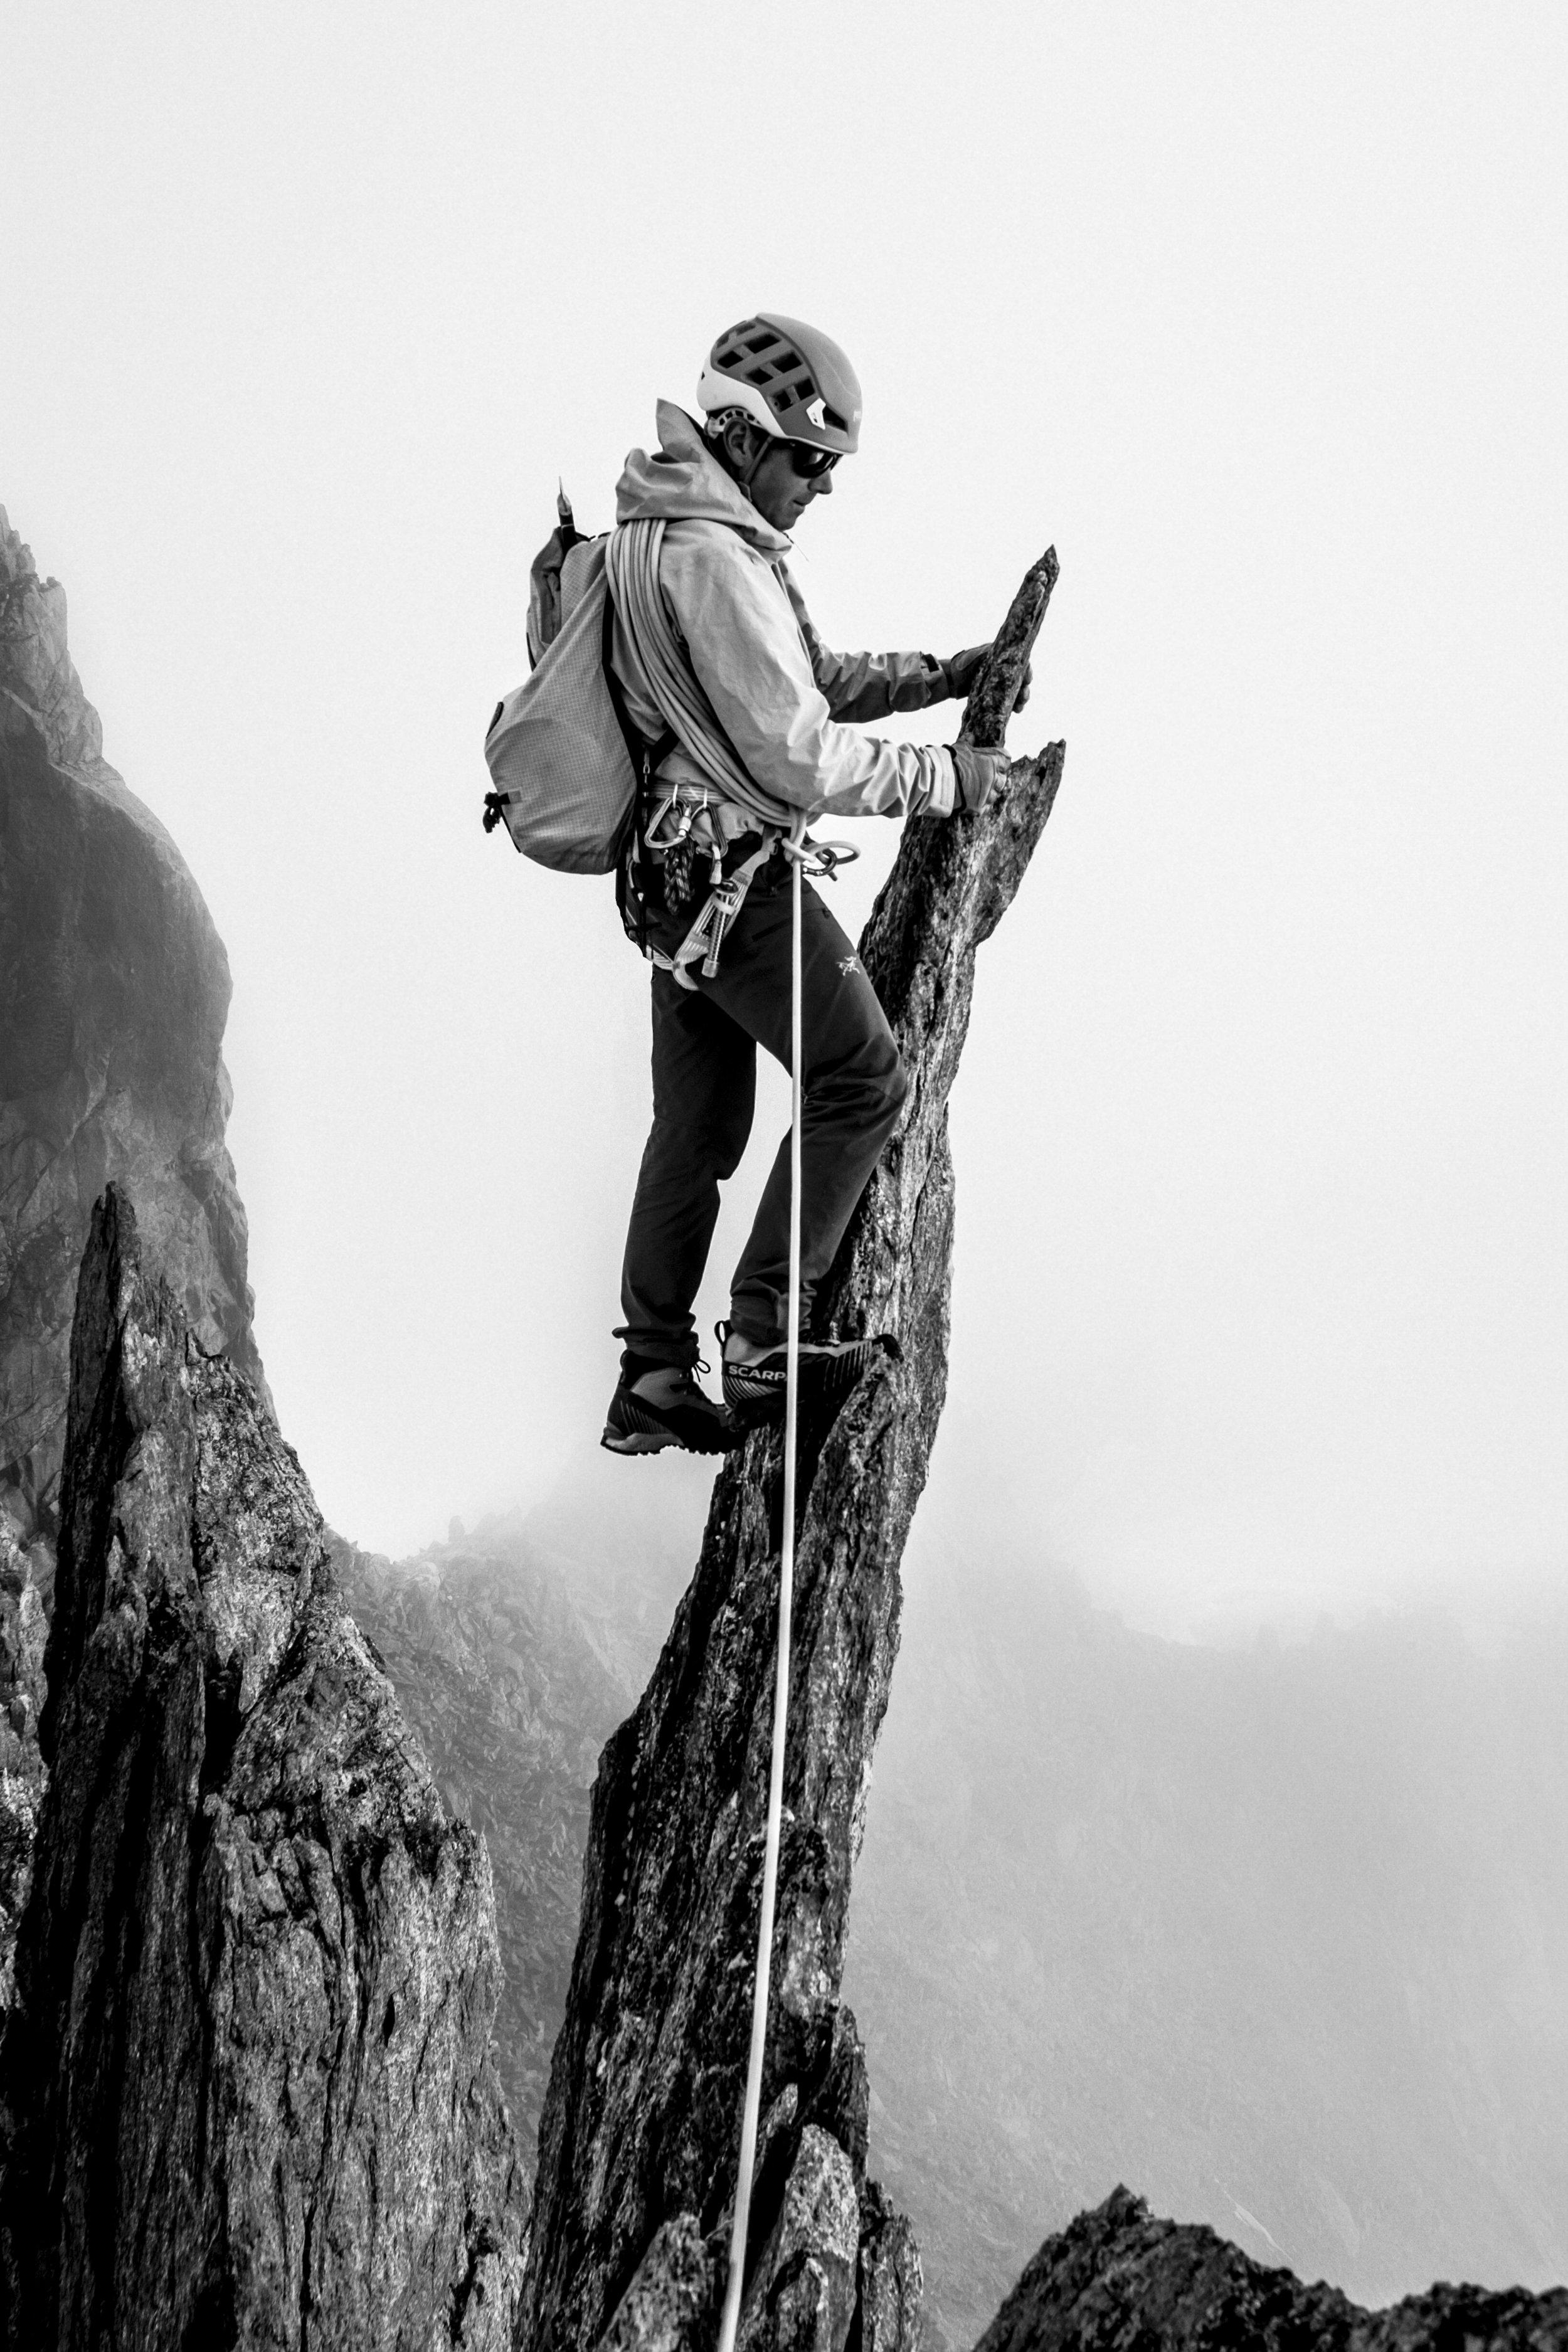 L'ALPINISTE MATHÉO JACQUEMOUD DANS LES AIGUILLES D'ENTREVES, CHAMONIX (HAUTE-SAVOIE, FRANCE). PHOTO : JULIEN LACROIX